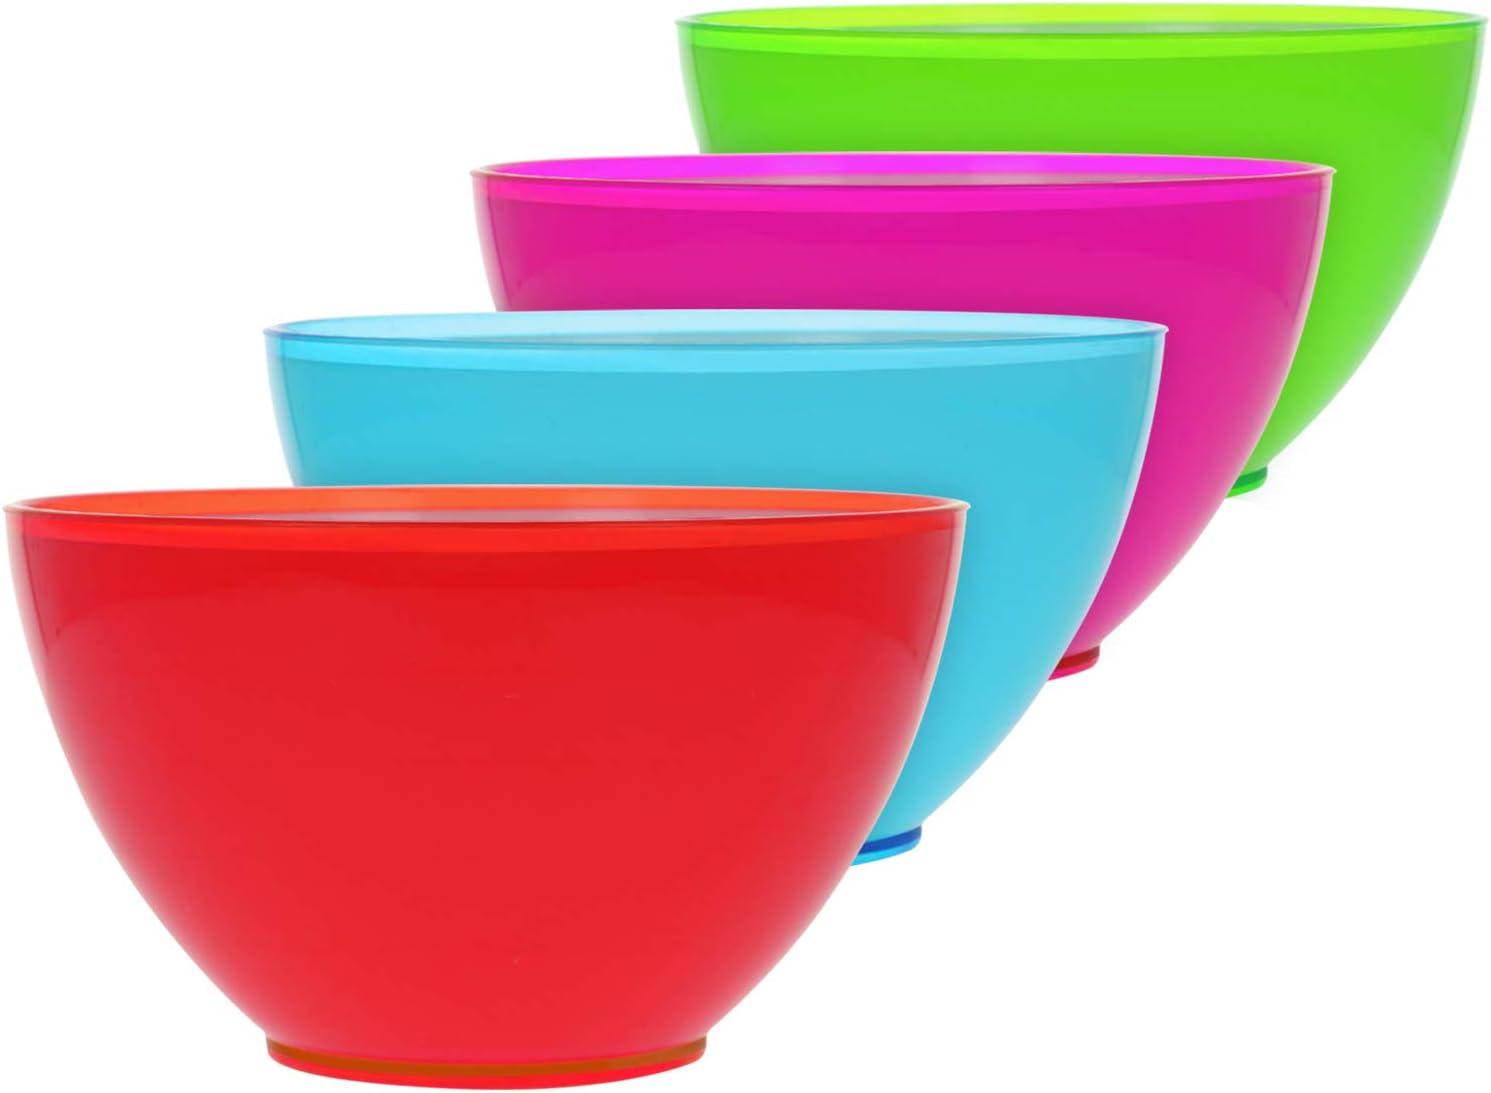 plastilina Ideale per i Compleanni Set08 com-four/® 4X Mucus con Suono ovattato nella Confezione Furzknete in Blu, Rosa, Verde e Giallo Neon